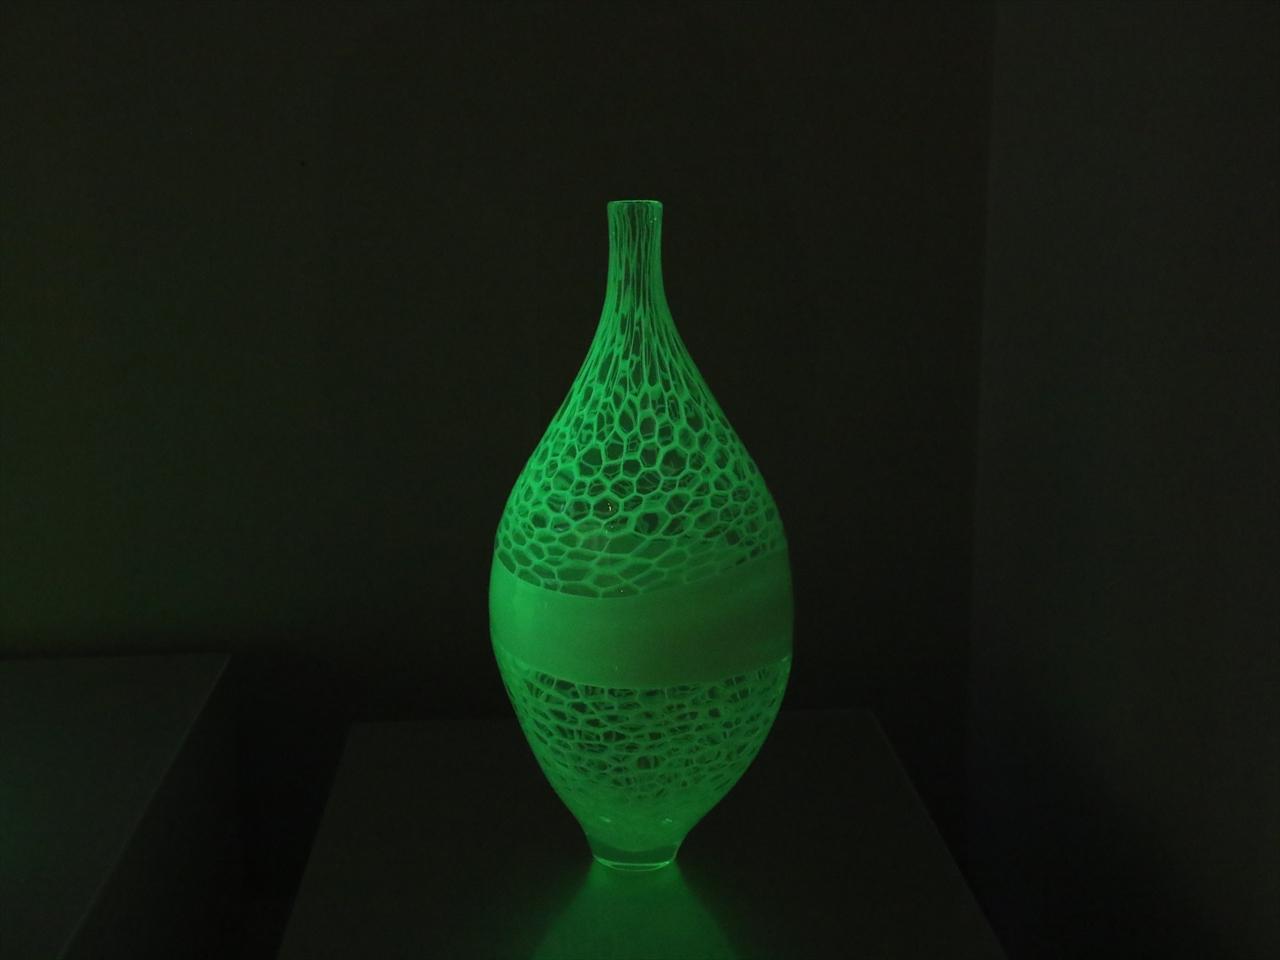 ウランガラスの器